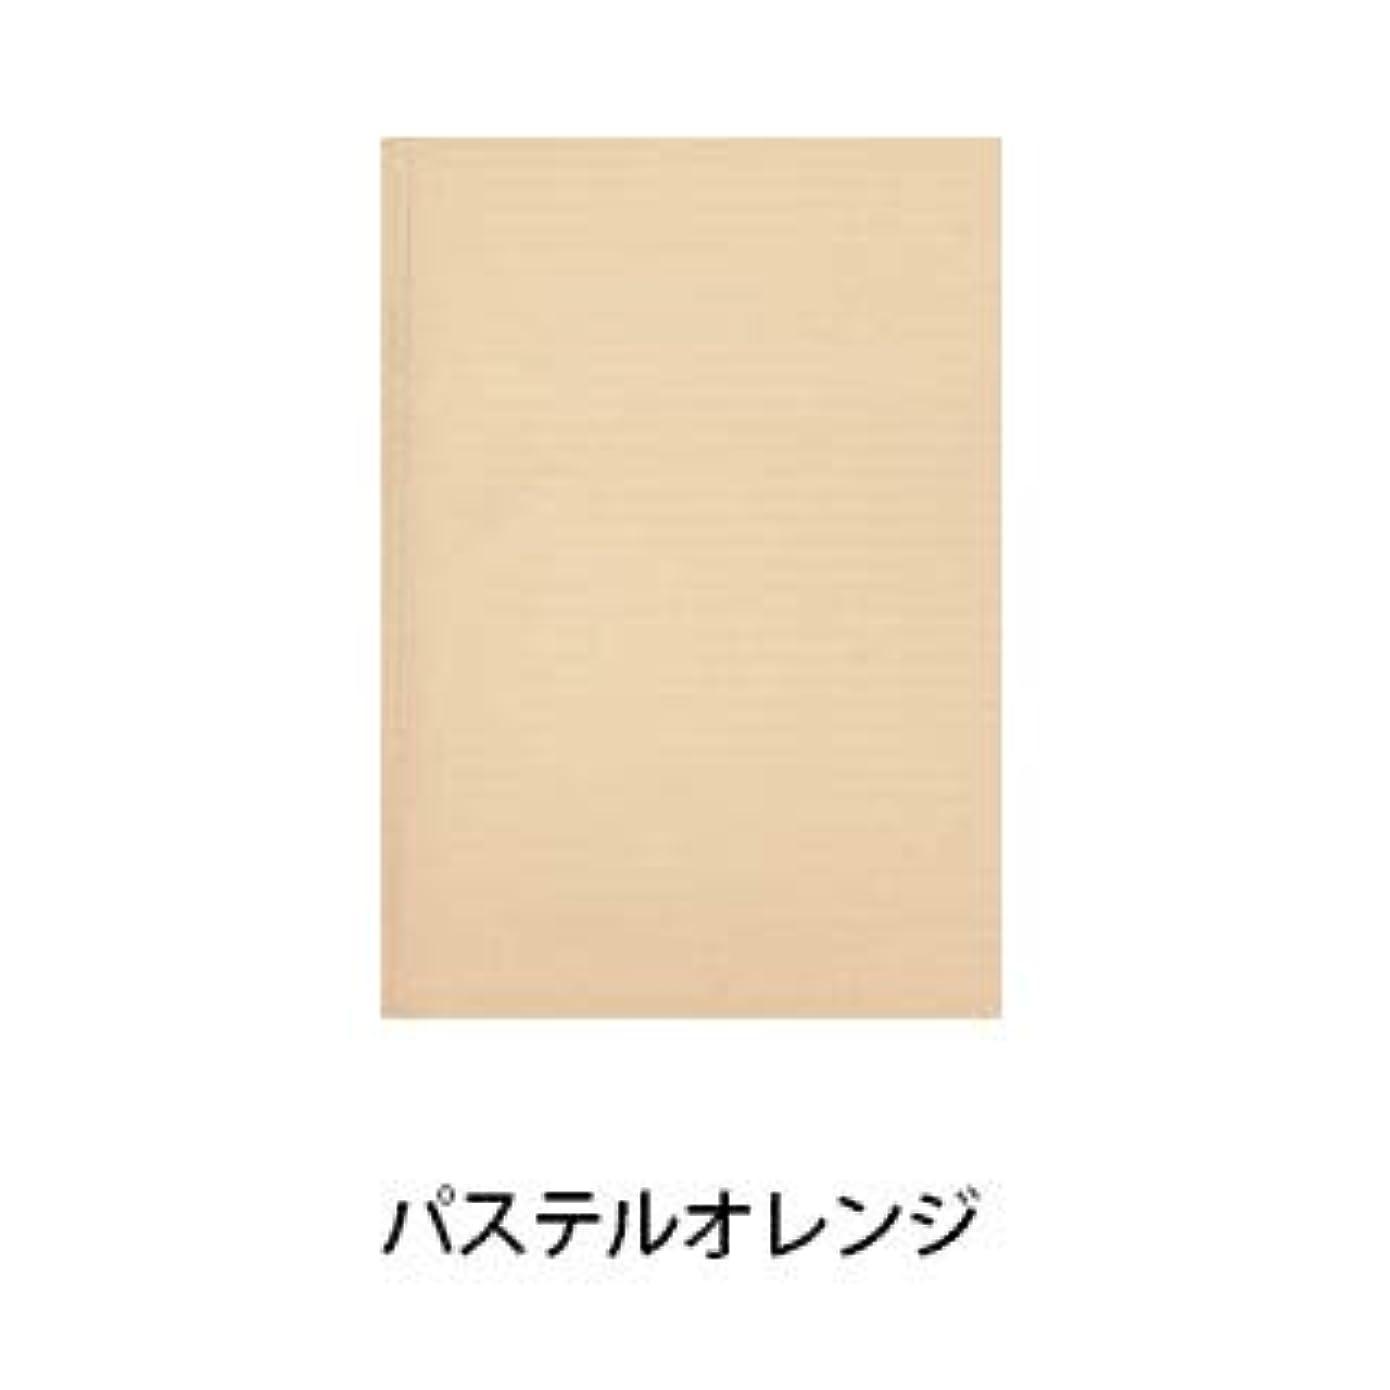 収縮グレートオークアレイ【パステルシリーズ】100枚入り ネイルシート ペーパークロス (パステルオレンジ)